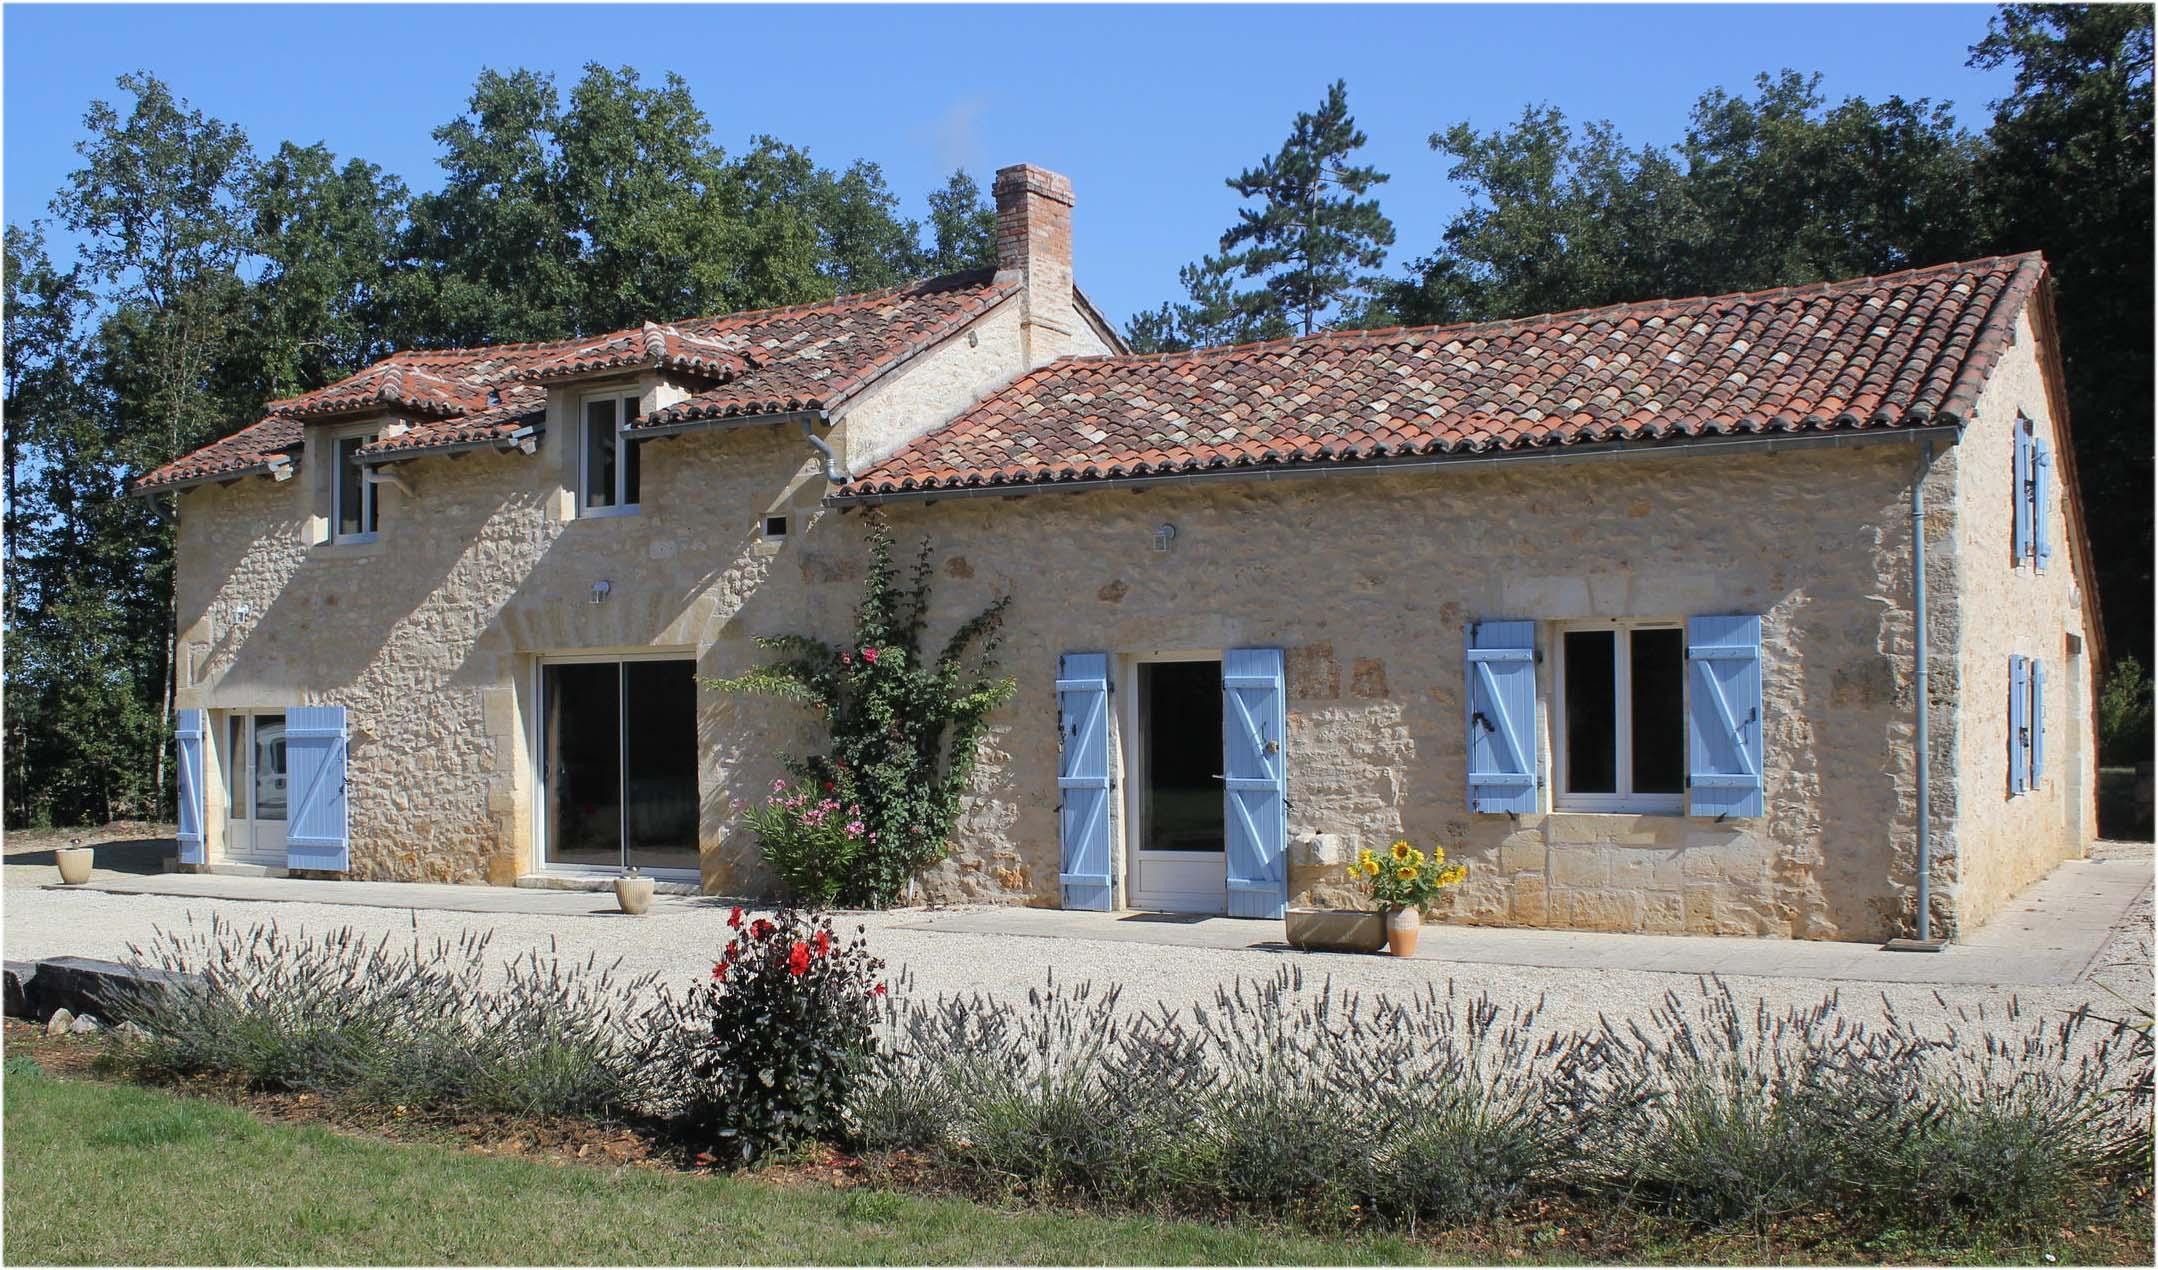 Location maison p rigourdine for Acheter une maison dans le sud ouest de la france